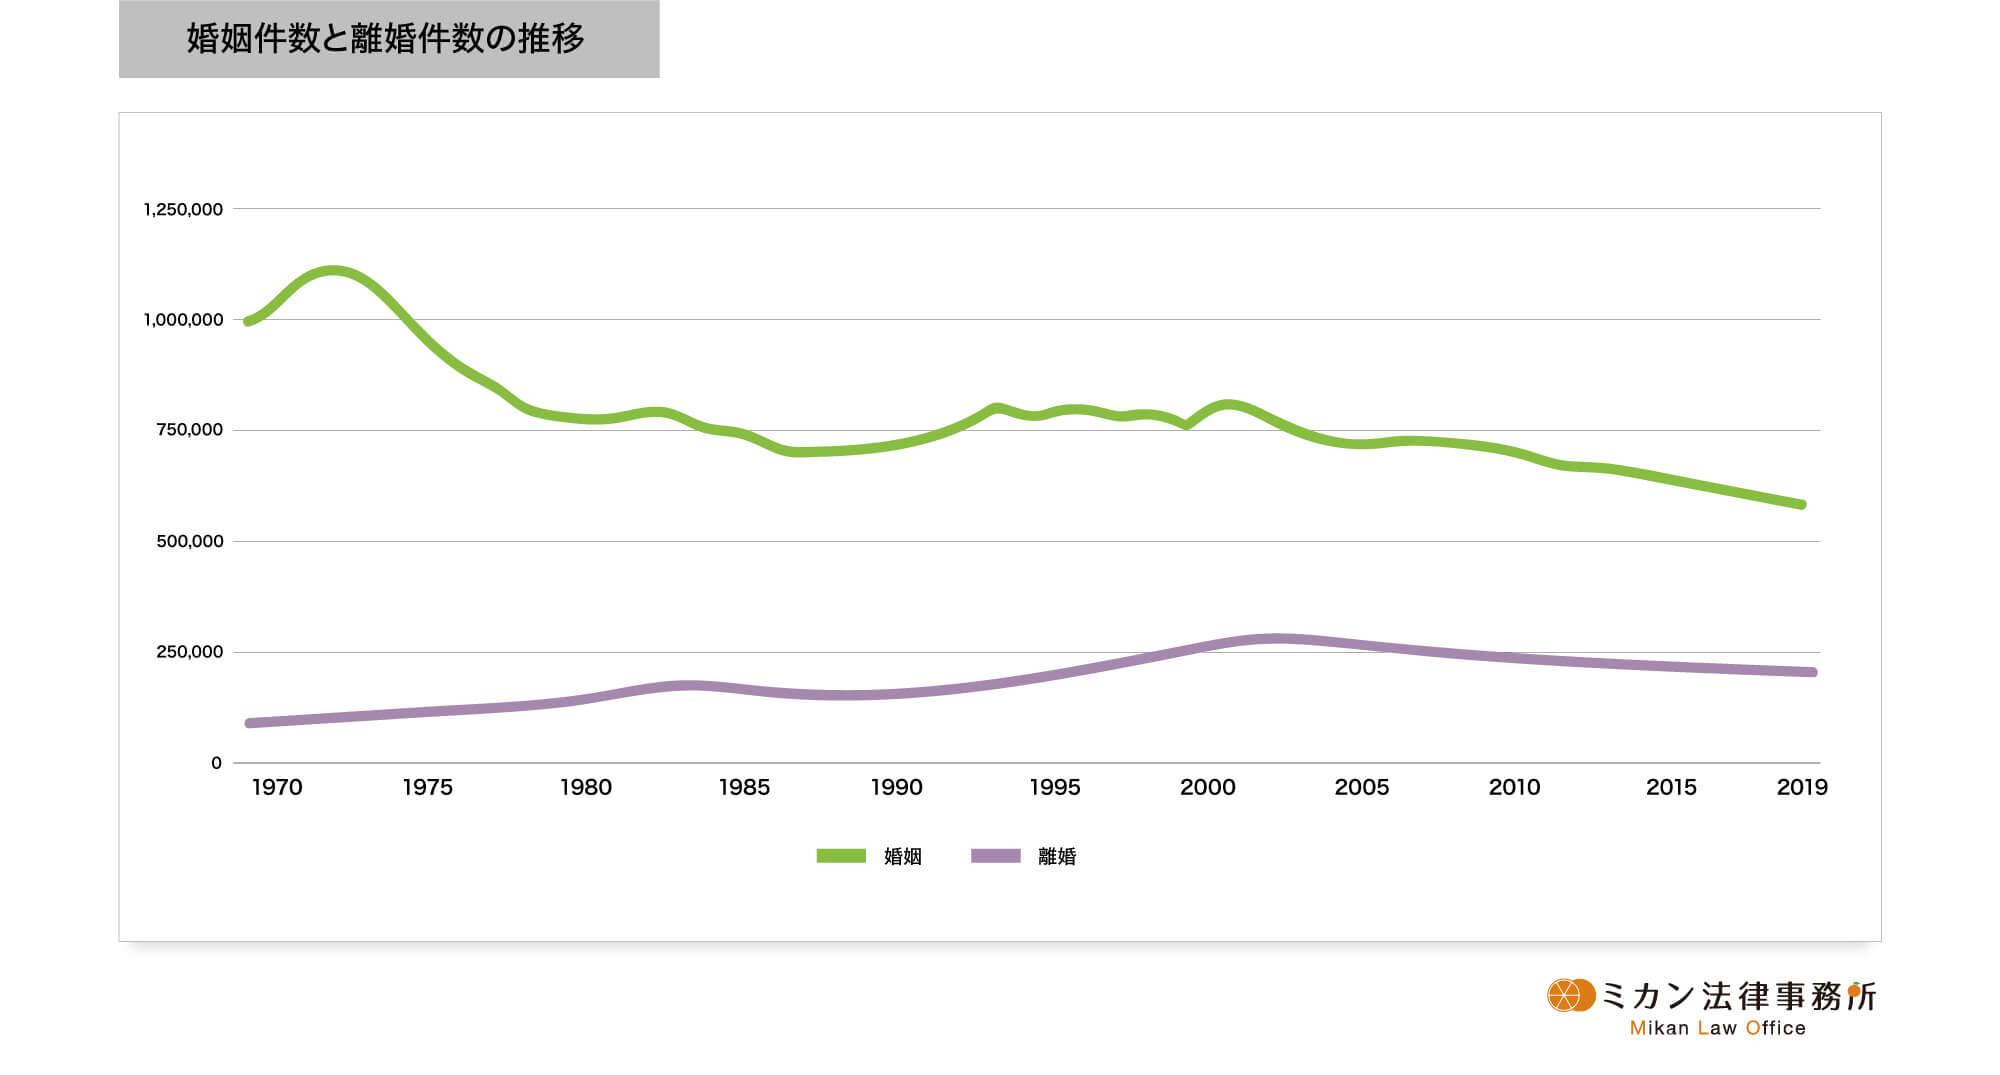 婚姻件数と離婚件数の推移グラフ